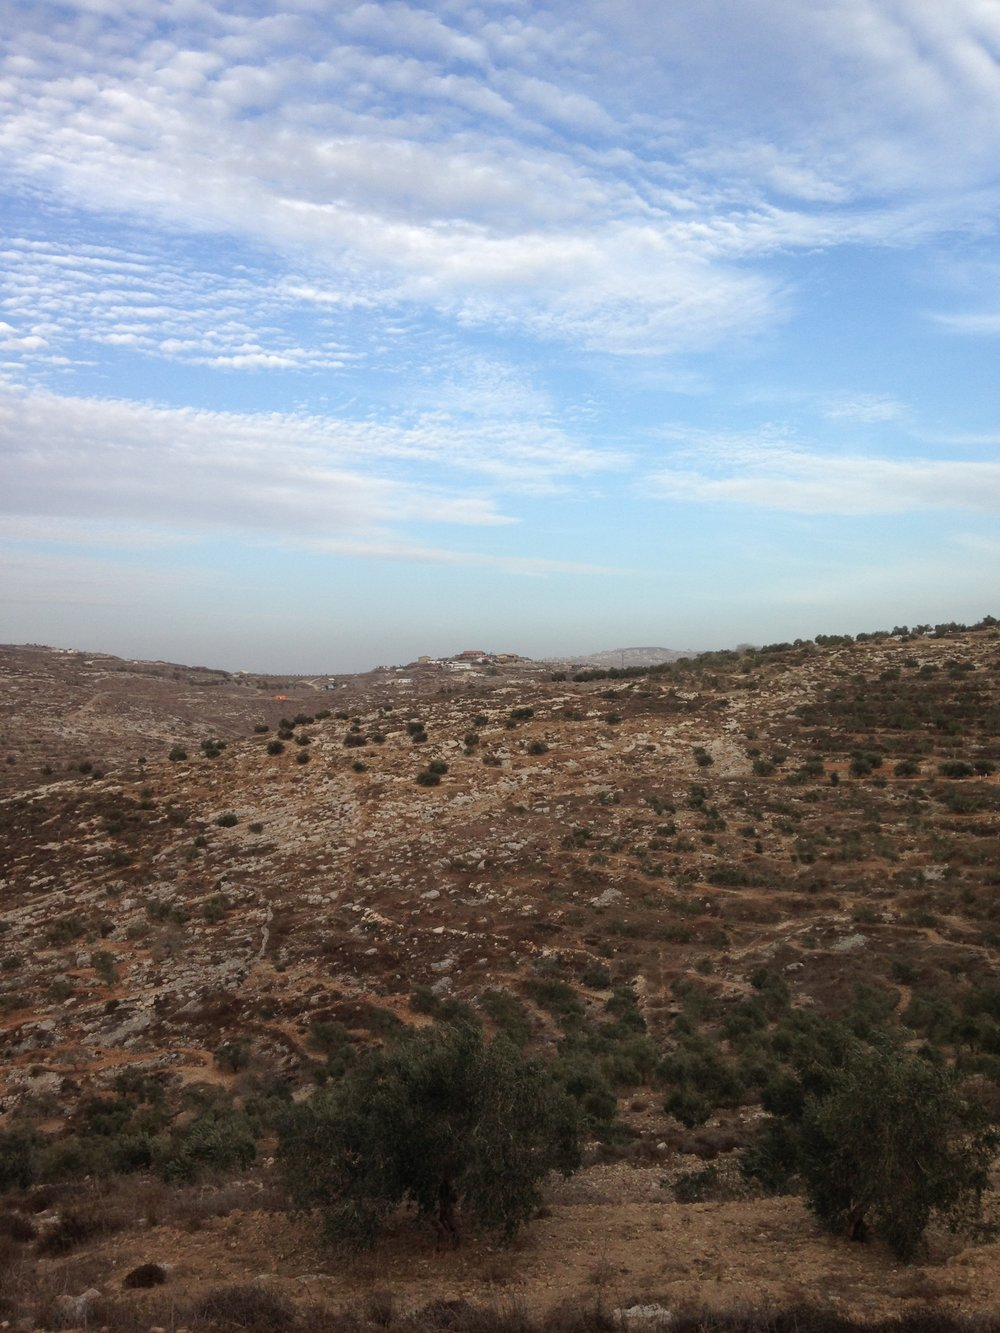 Landbouwgrond Far'ata